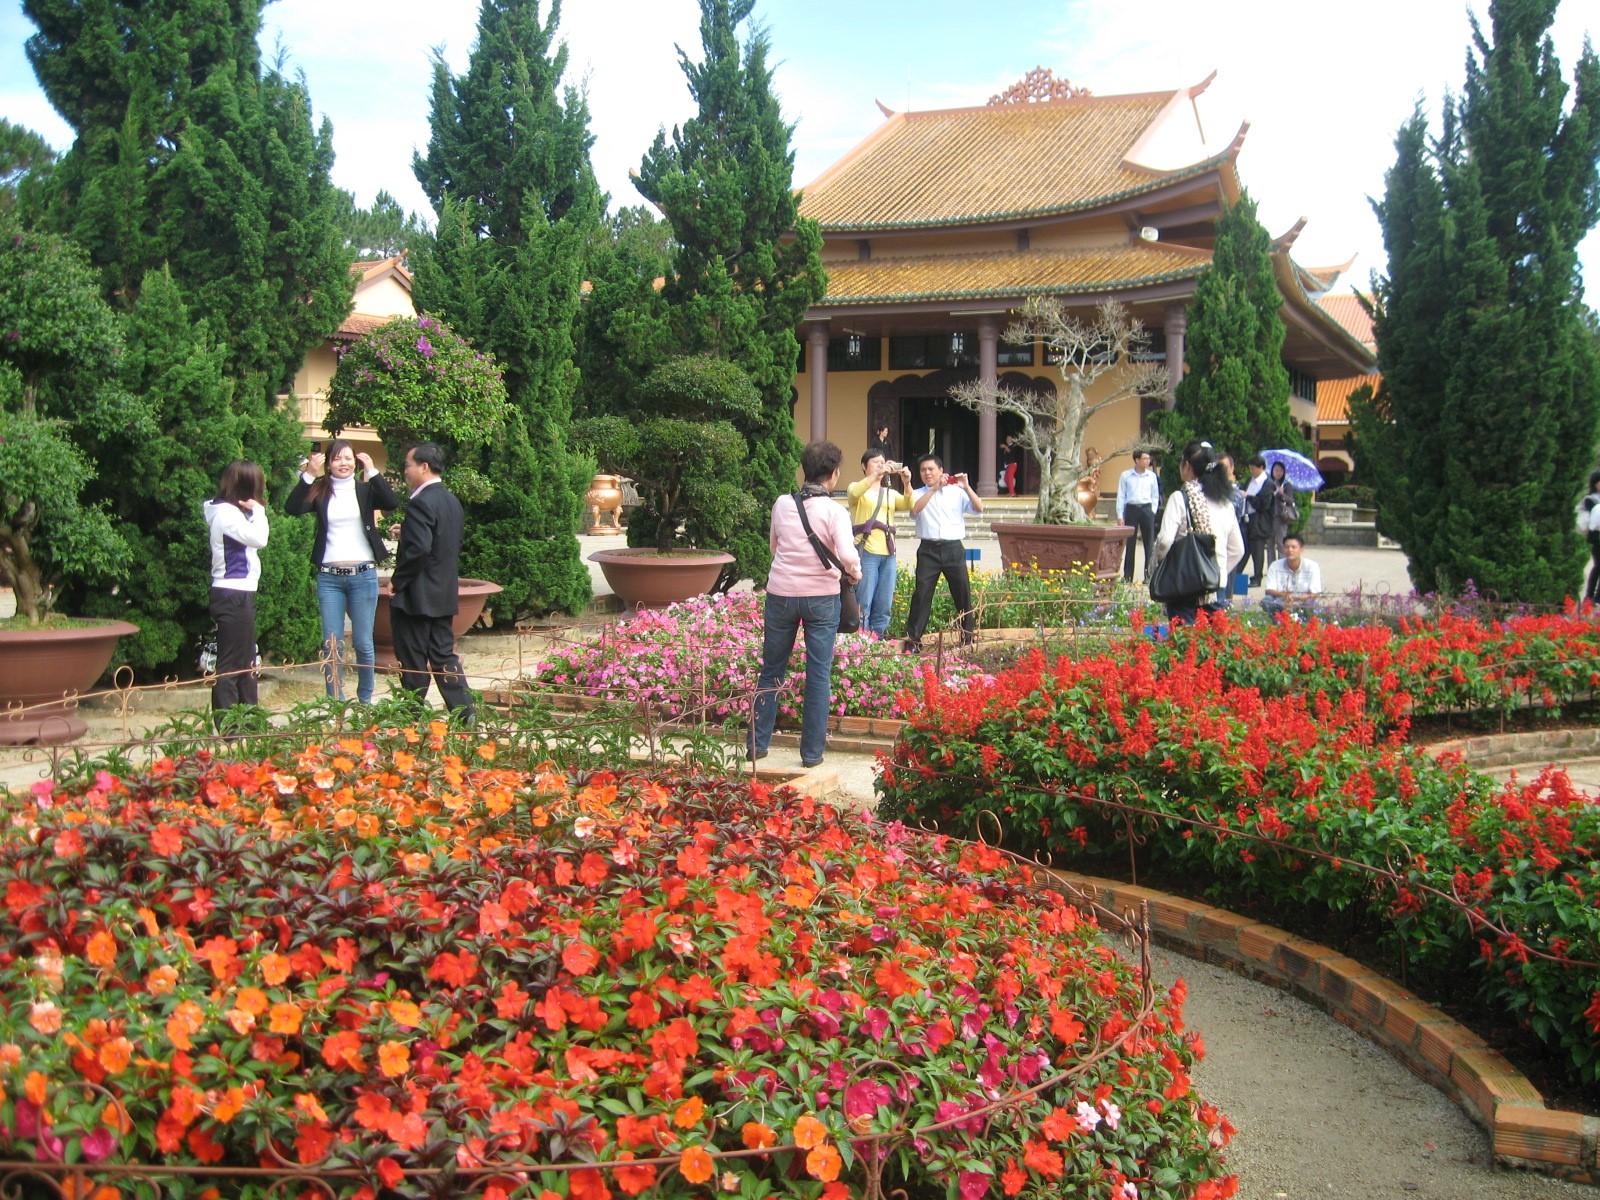 Khách du lịch đến tham quan thiền viện Trúc Lâm và chụp ảnh làm kỷ niệm